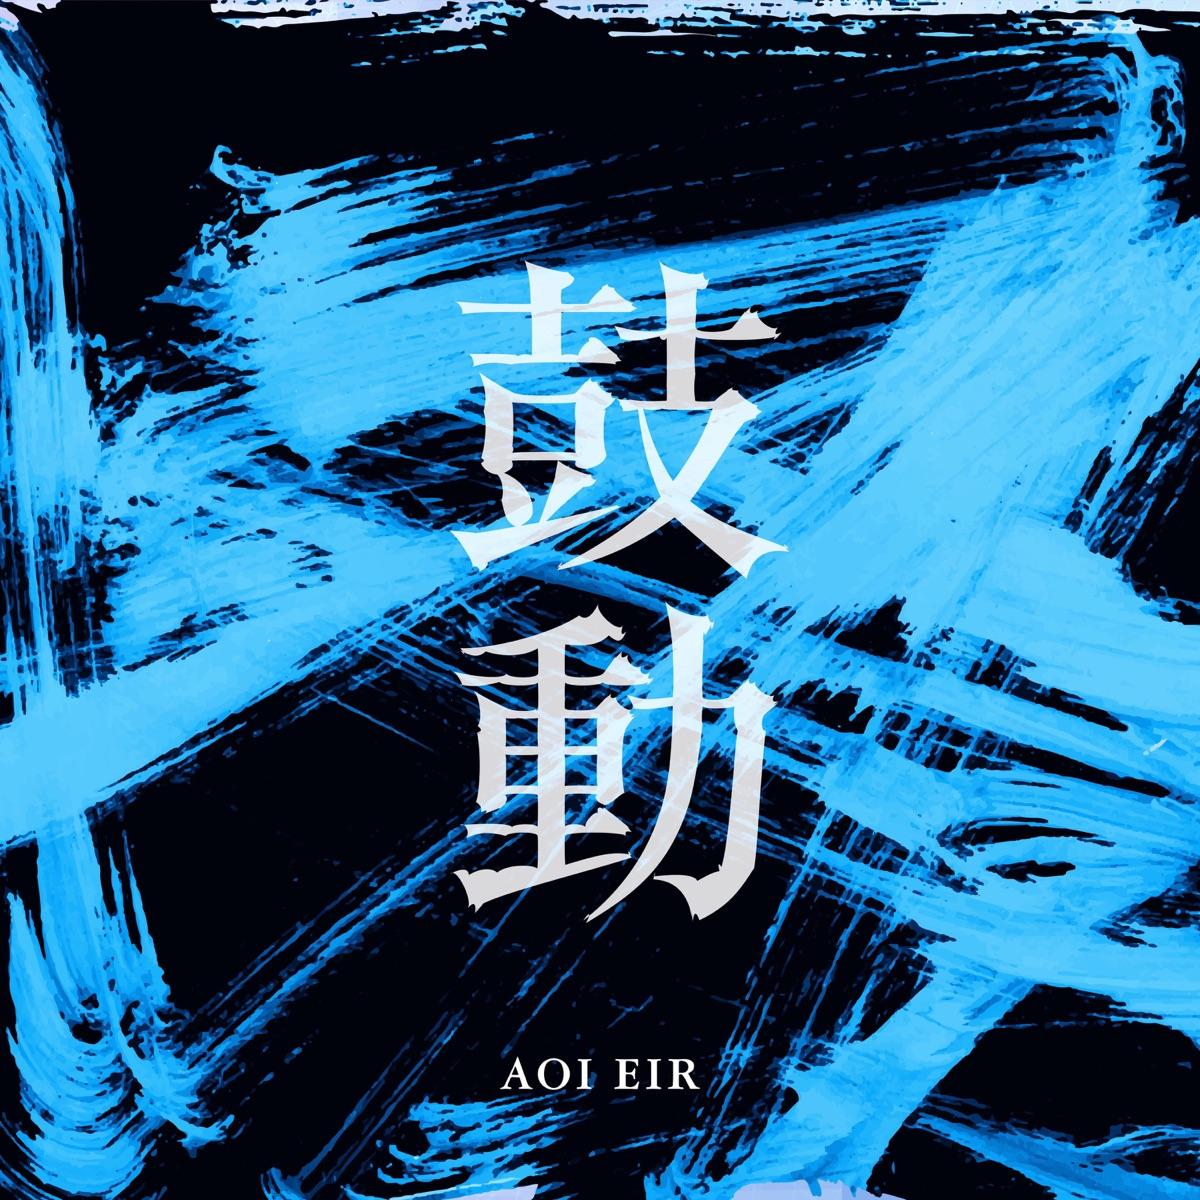 『藍井エイル - 鼓動』収録の『鼓動』ジャケット